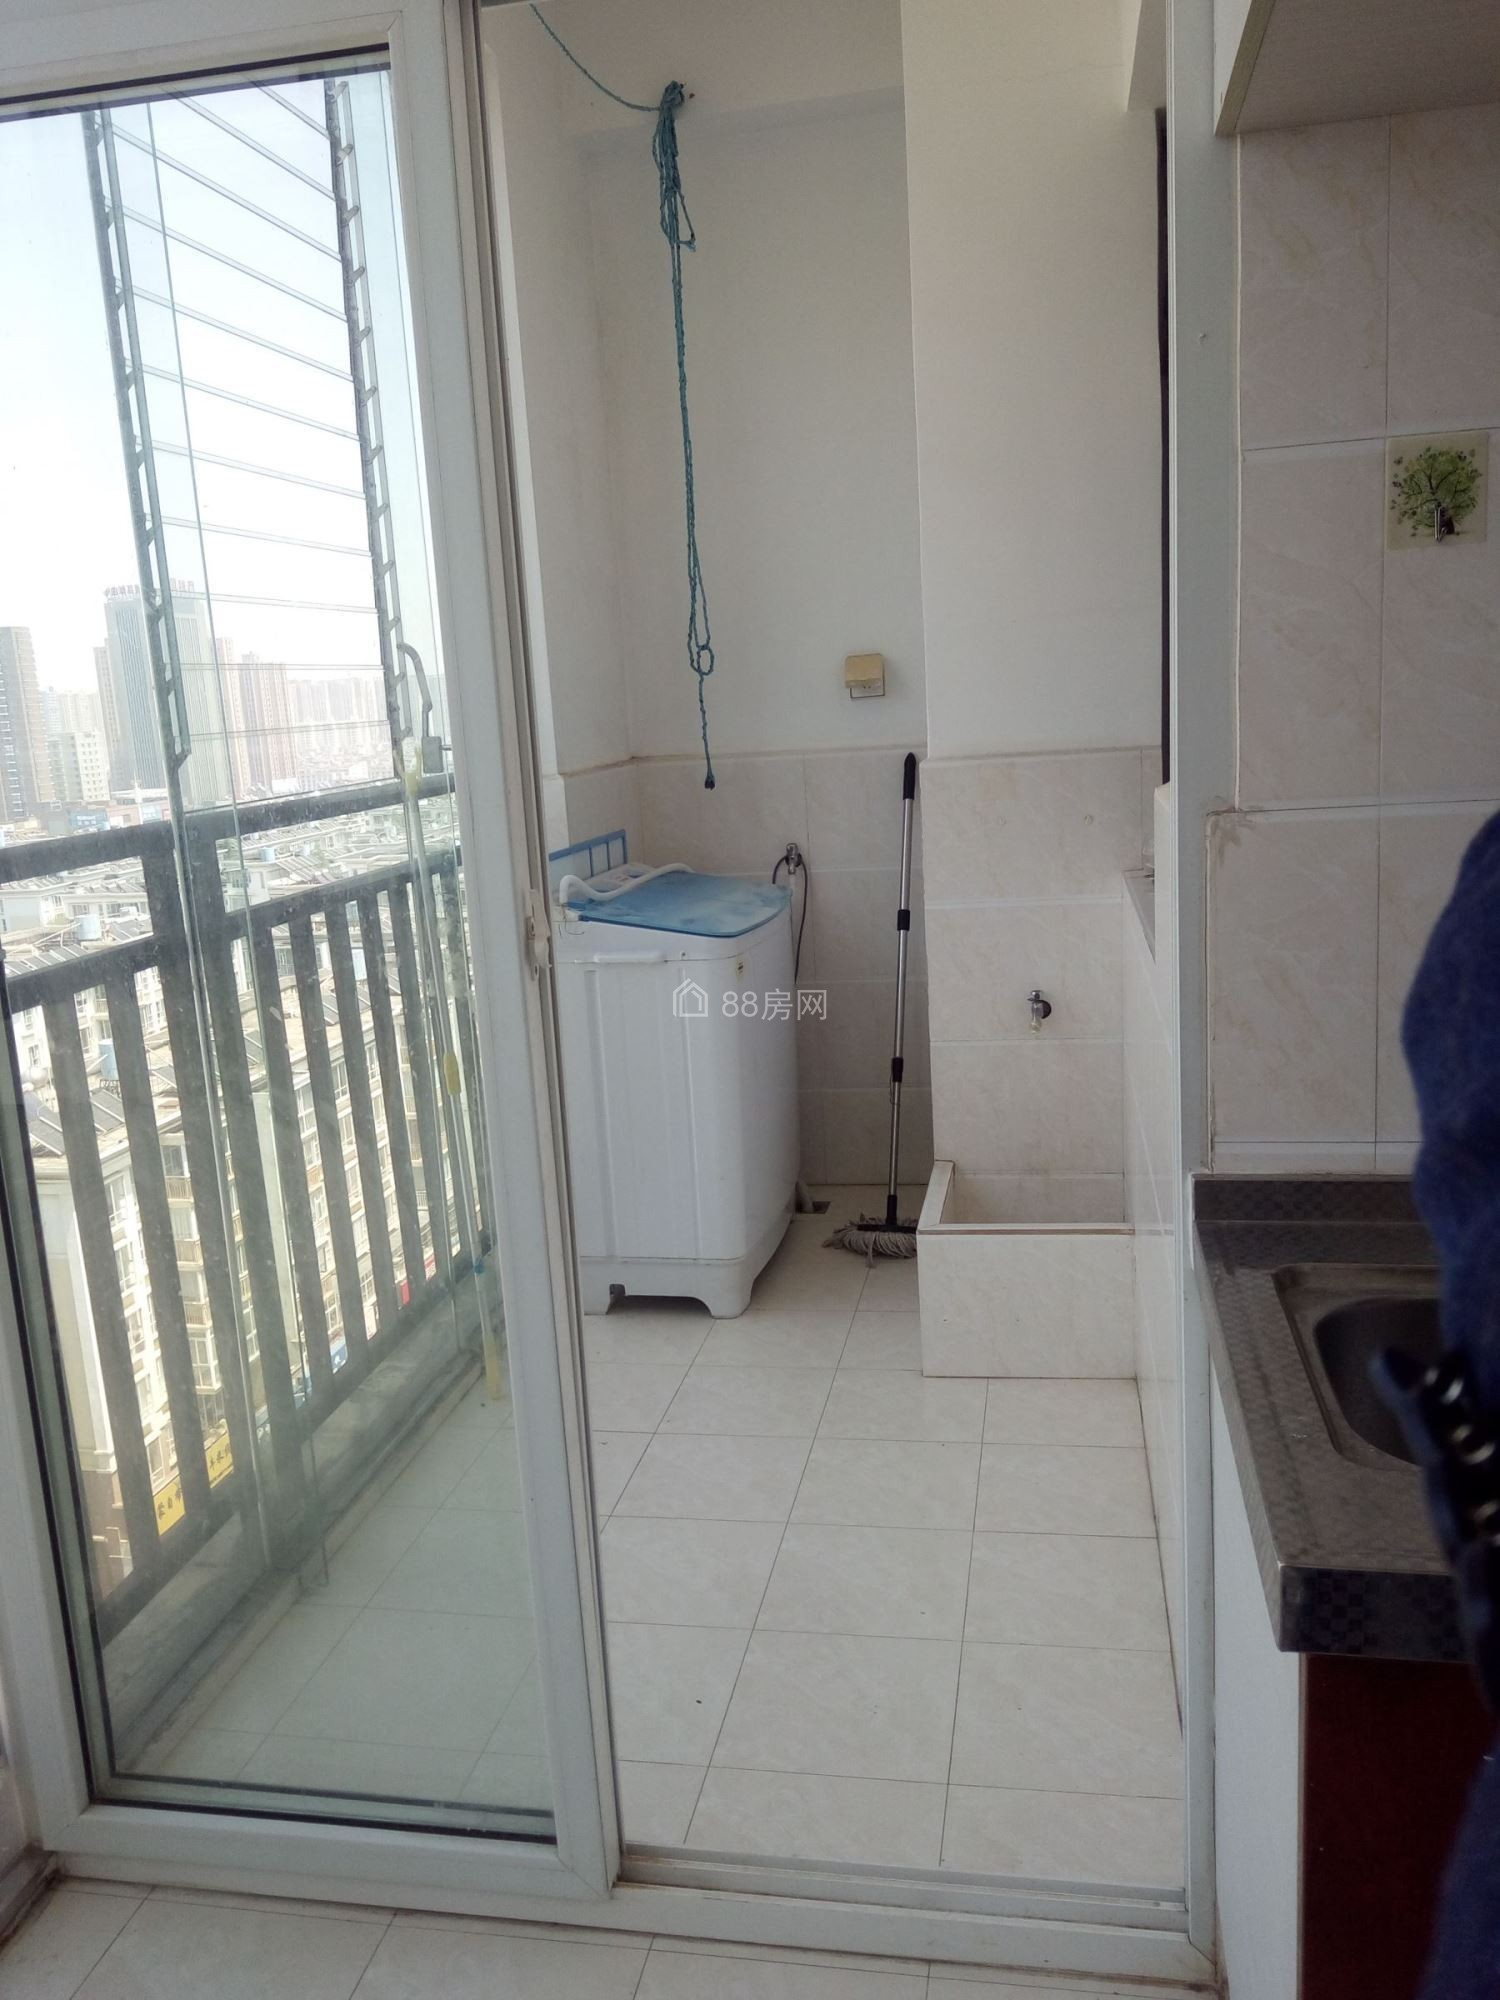 吉象园电梯房88平米2室2厅1卫 带全新家具出租950元